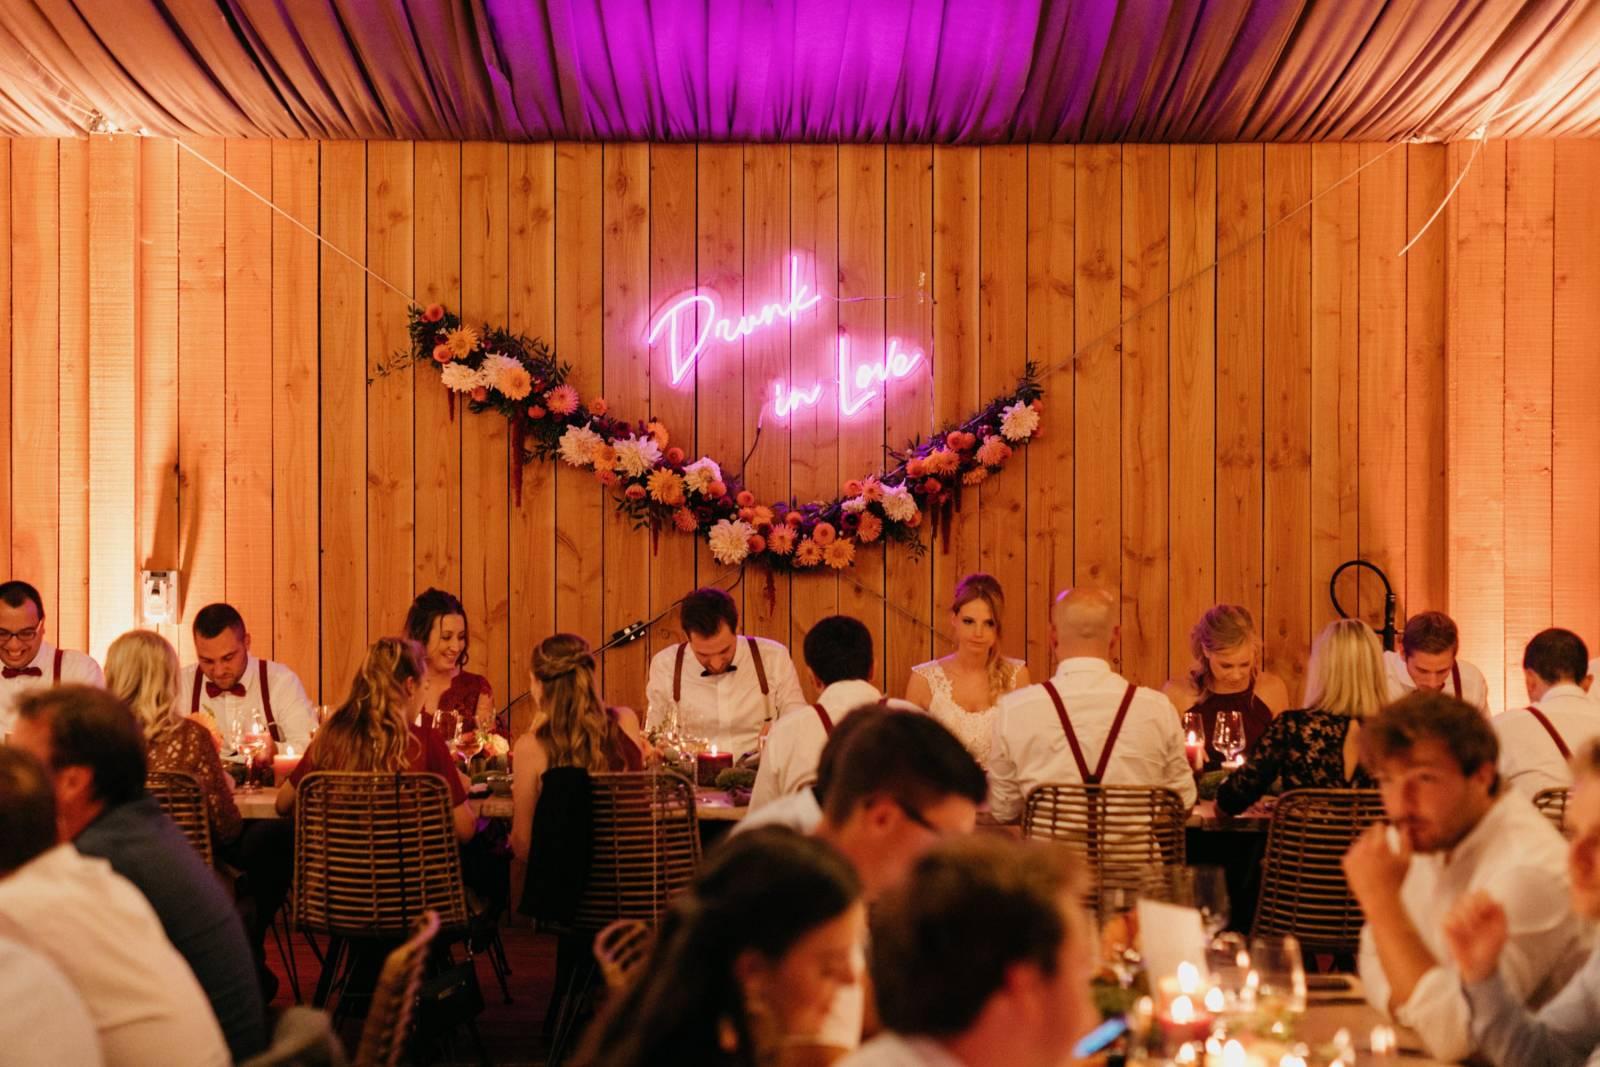 Maison Julie - Bruidsboeket - Bloemen huwelijk trouw bruiloft - Ciska & Jimte - Fotograaf Mathias Hannes - House of Weddings - 26